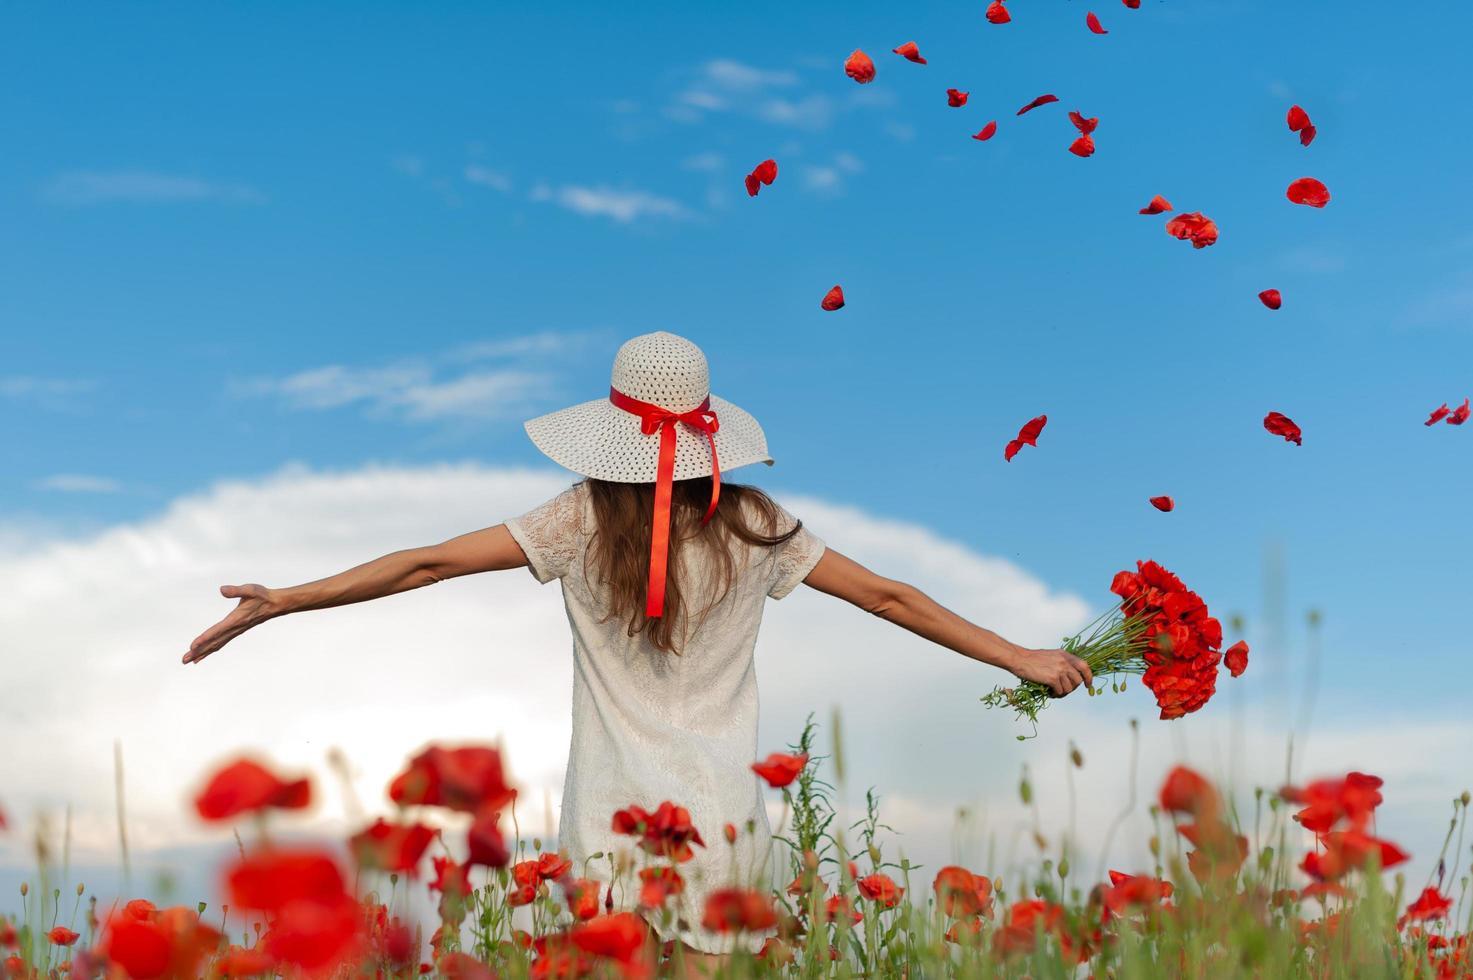 donna con cappello bianco e vestito si erge a braccia aperte foto